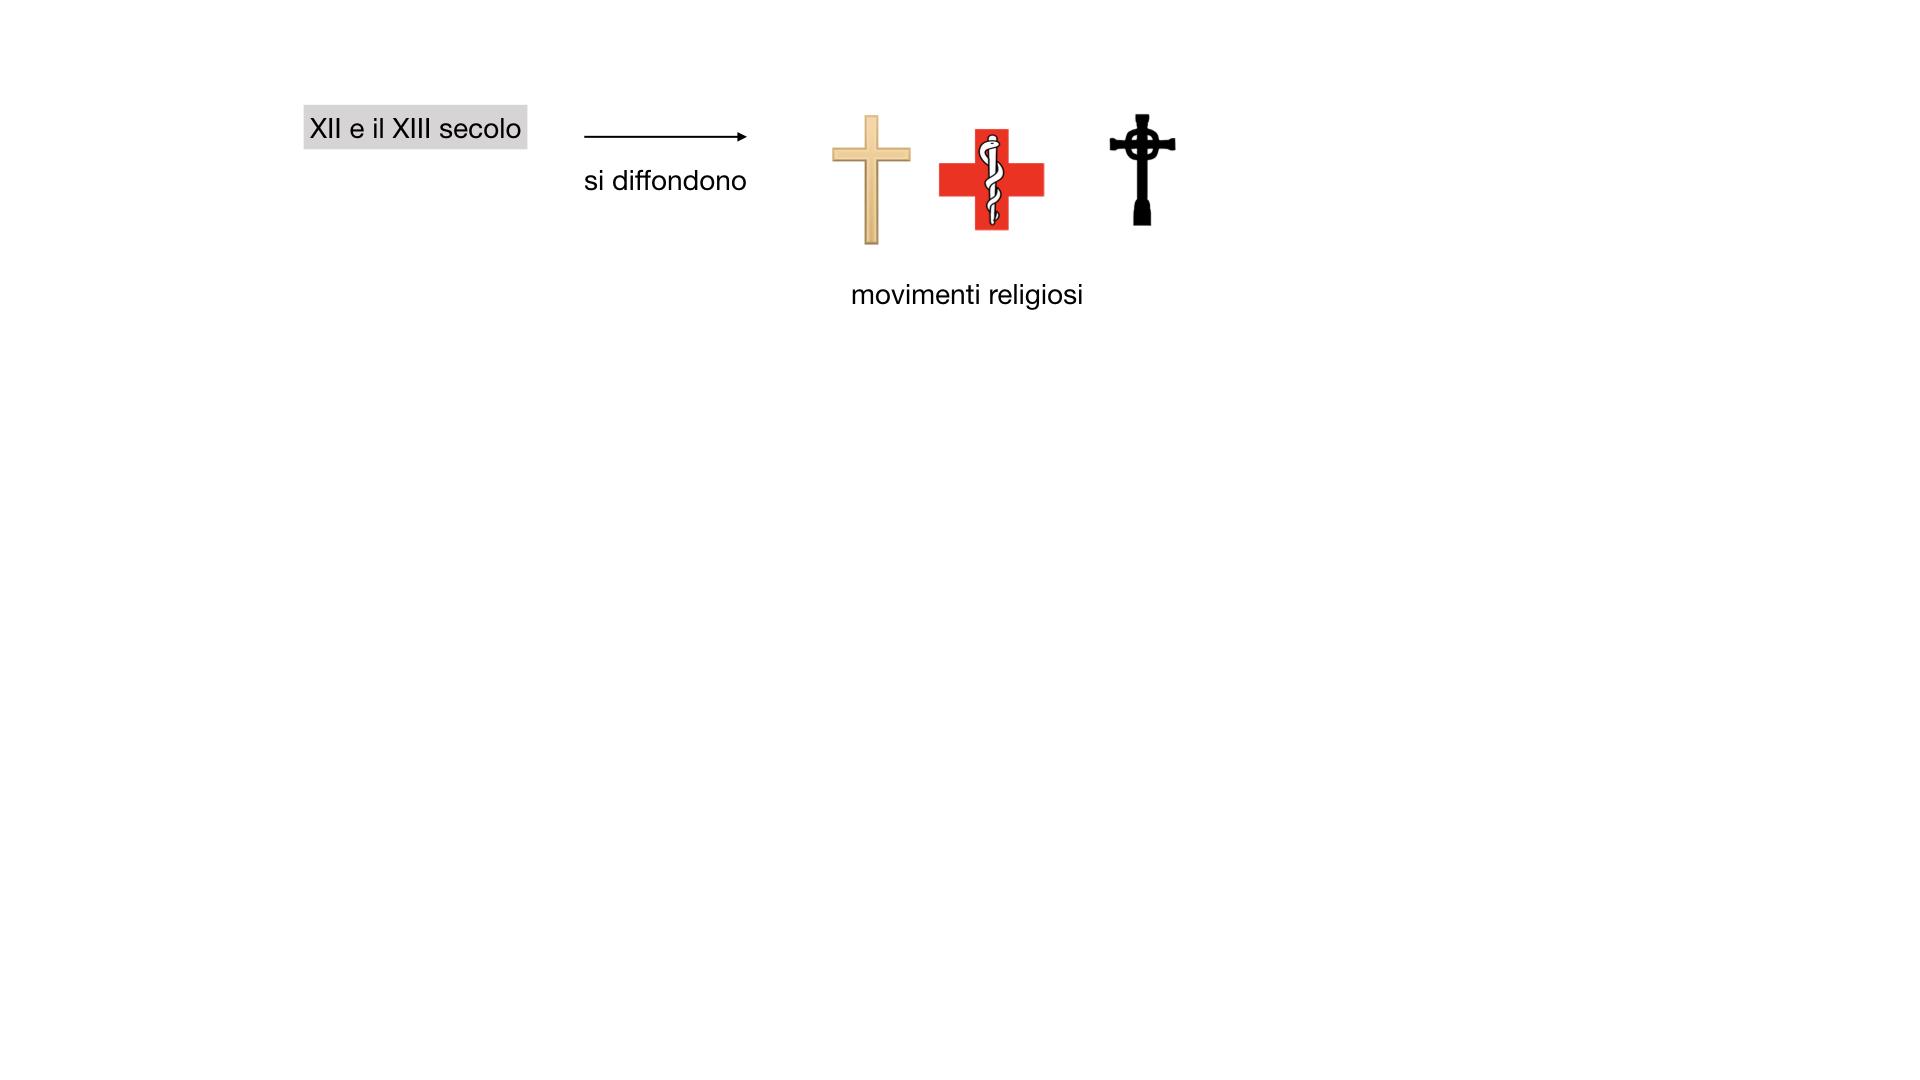 STORIA FEDERICO BARBAROSSA-MOVIMENTI RELIGIOSI_SIMULAZIONE_estesa.053